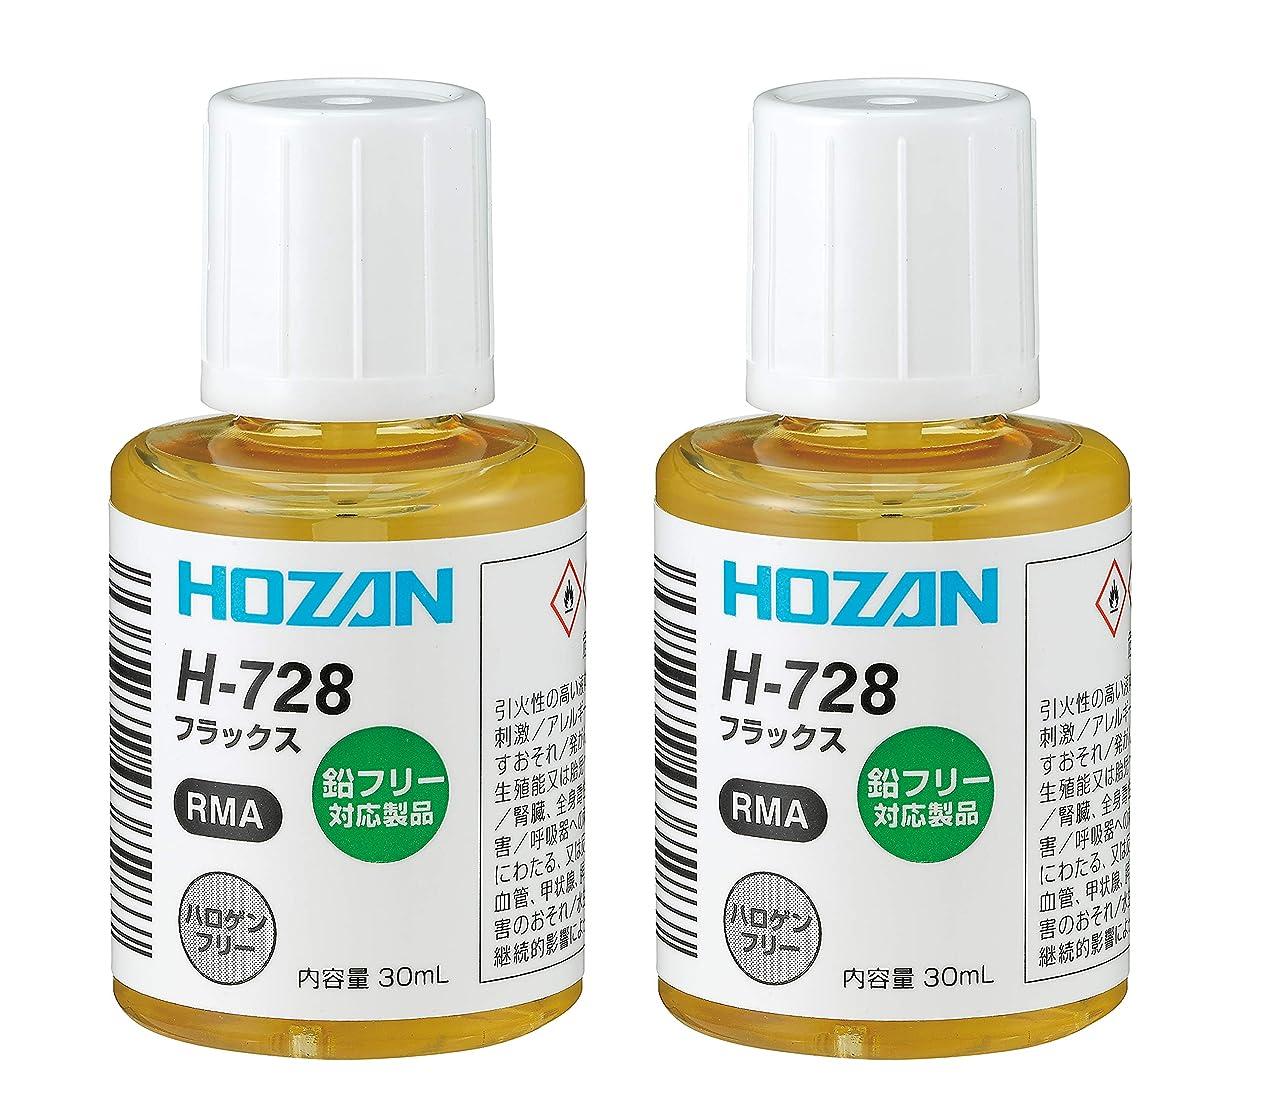 想定くさび政府【Amazon.co.jp 限定】ホーザン(HOZAN) フラックス H-728AZ 2個セット 鉛フリー対応製品 便利なハケ付きキャップ付